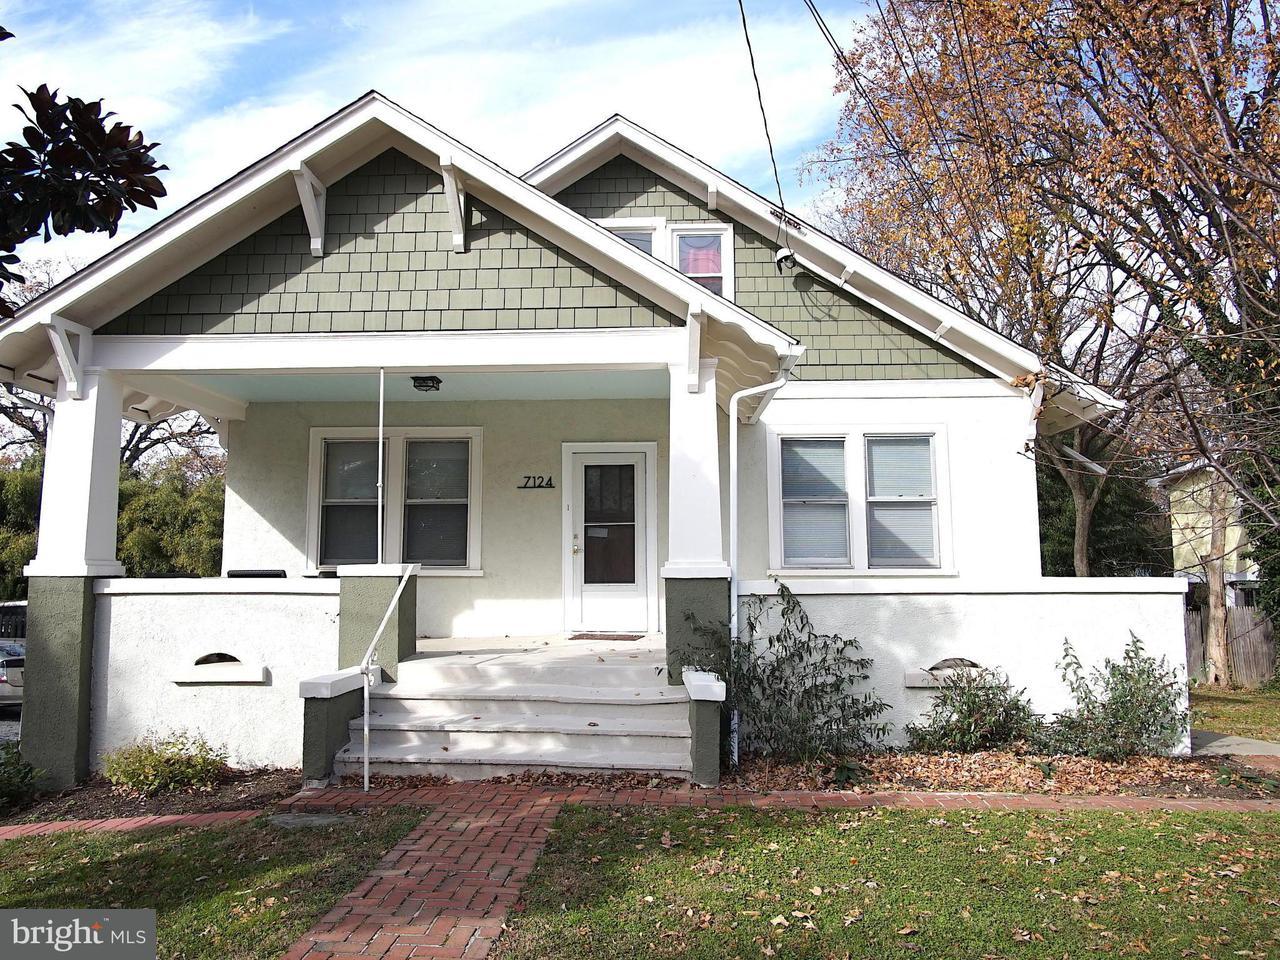 Maison unifamiliale pour l Vente à 7124 Carroll Avenue 7124 Carroll Avenue Takoma Park, Maryland 20912 États-Unis